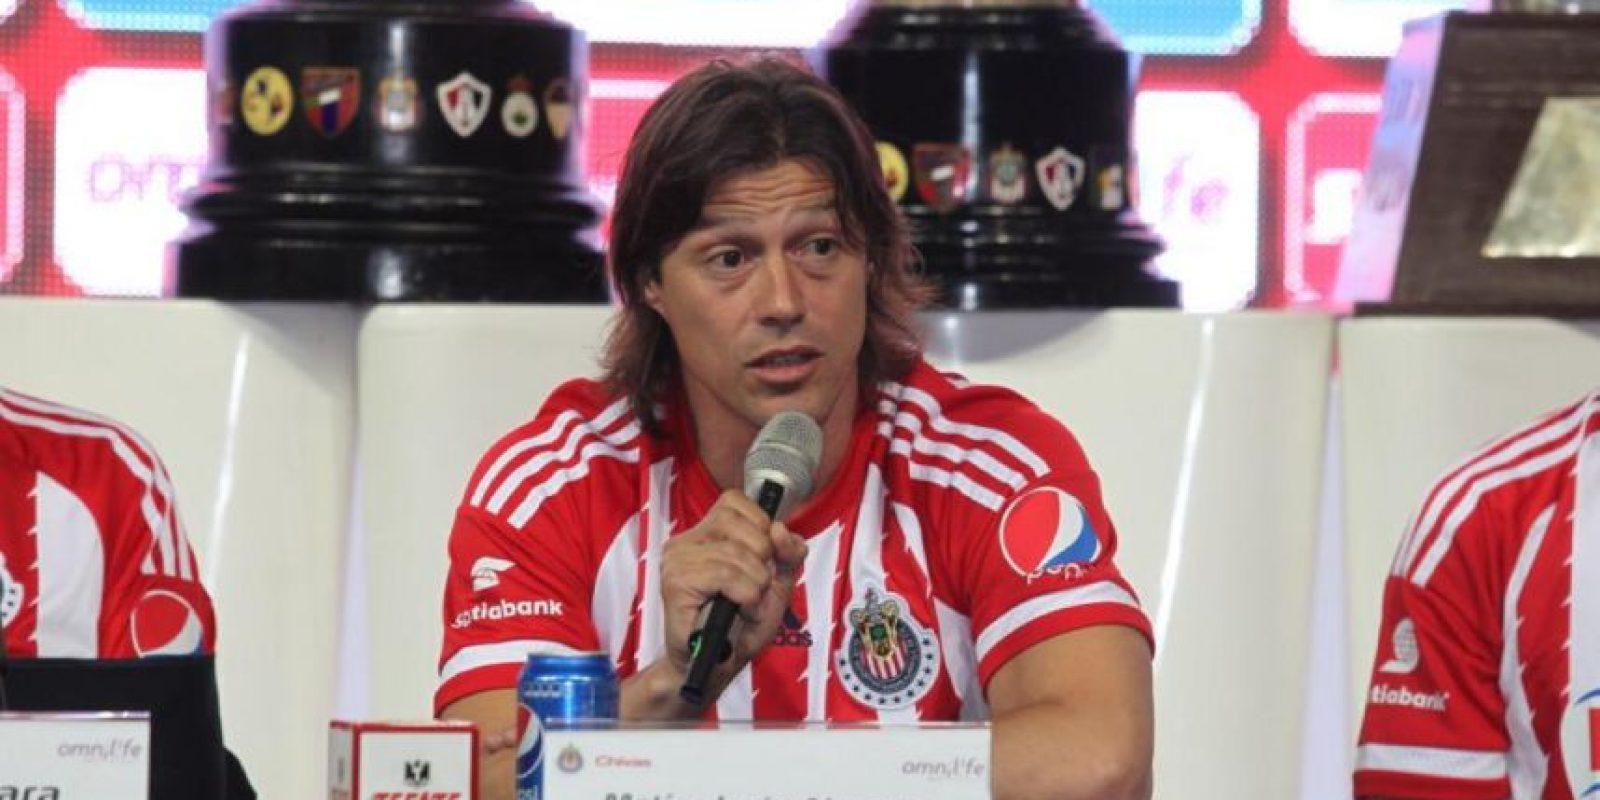 El argentino tiene 41 años y ya ascendió a primera división a River Plate y Banfield. Ahora tomó las riendas de las Chivas, uno de los clubes más populares de México Foto:Twitter